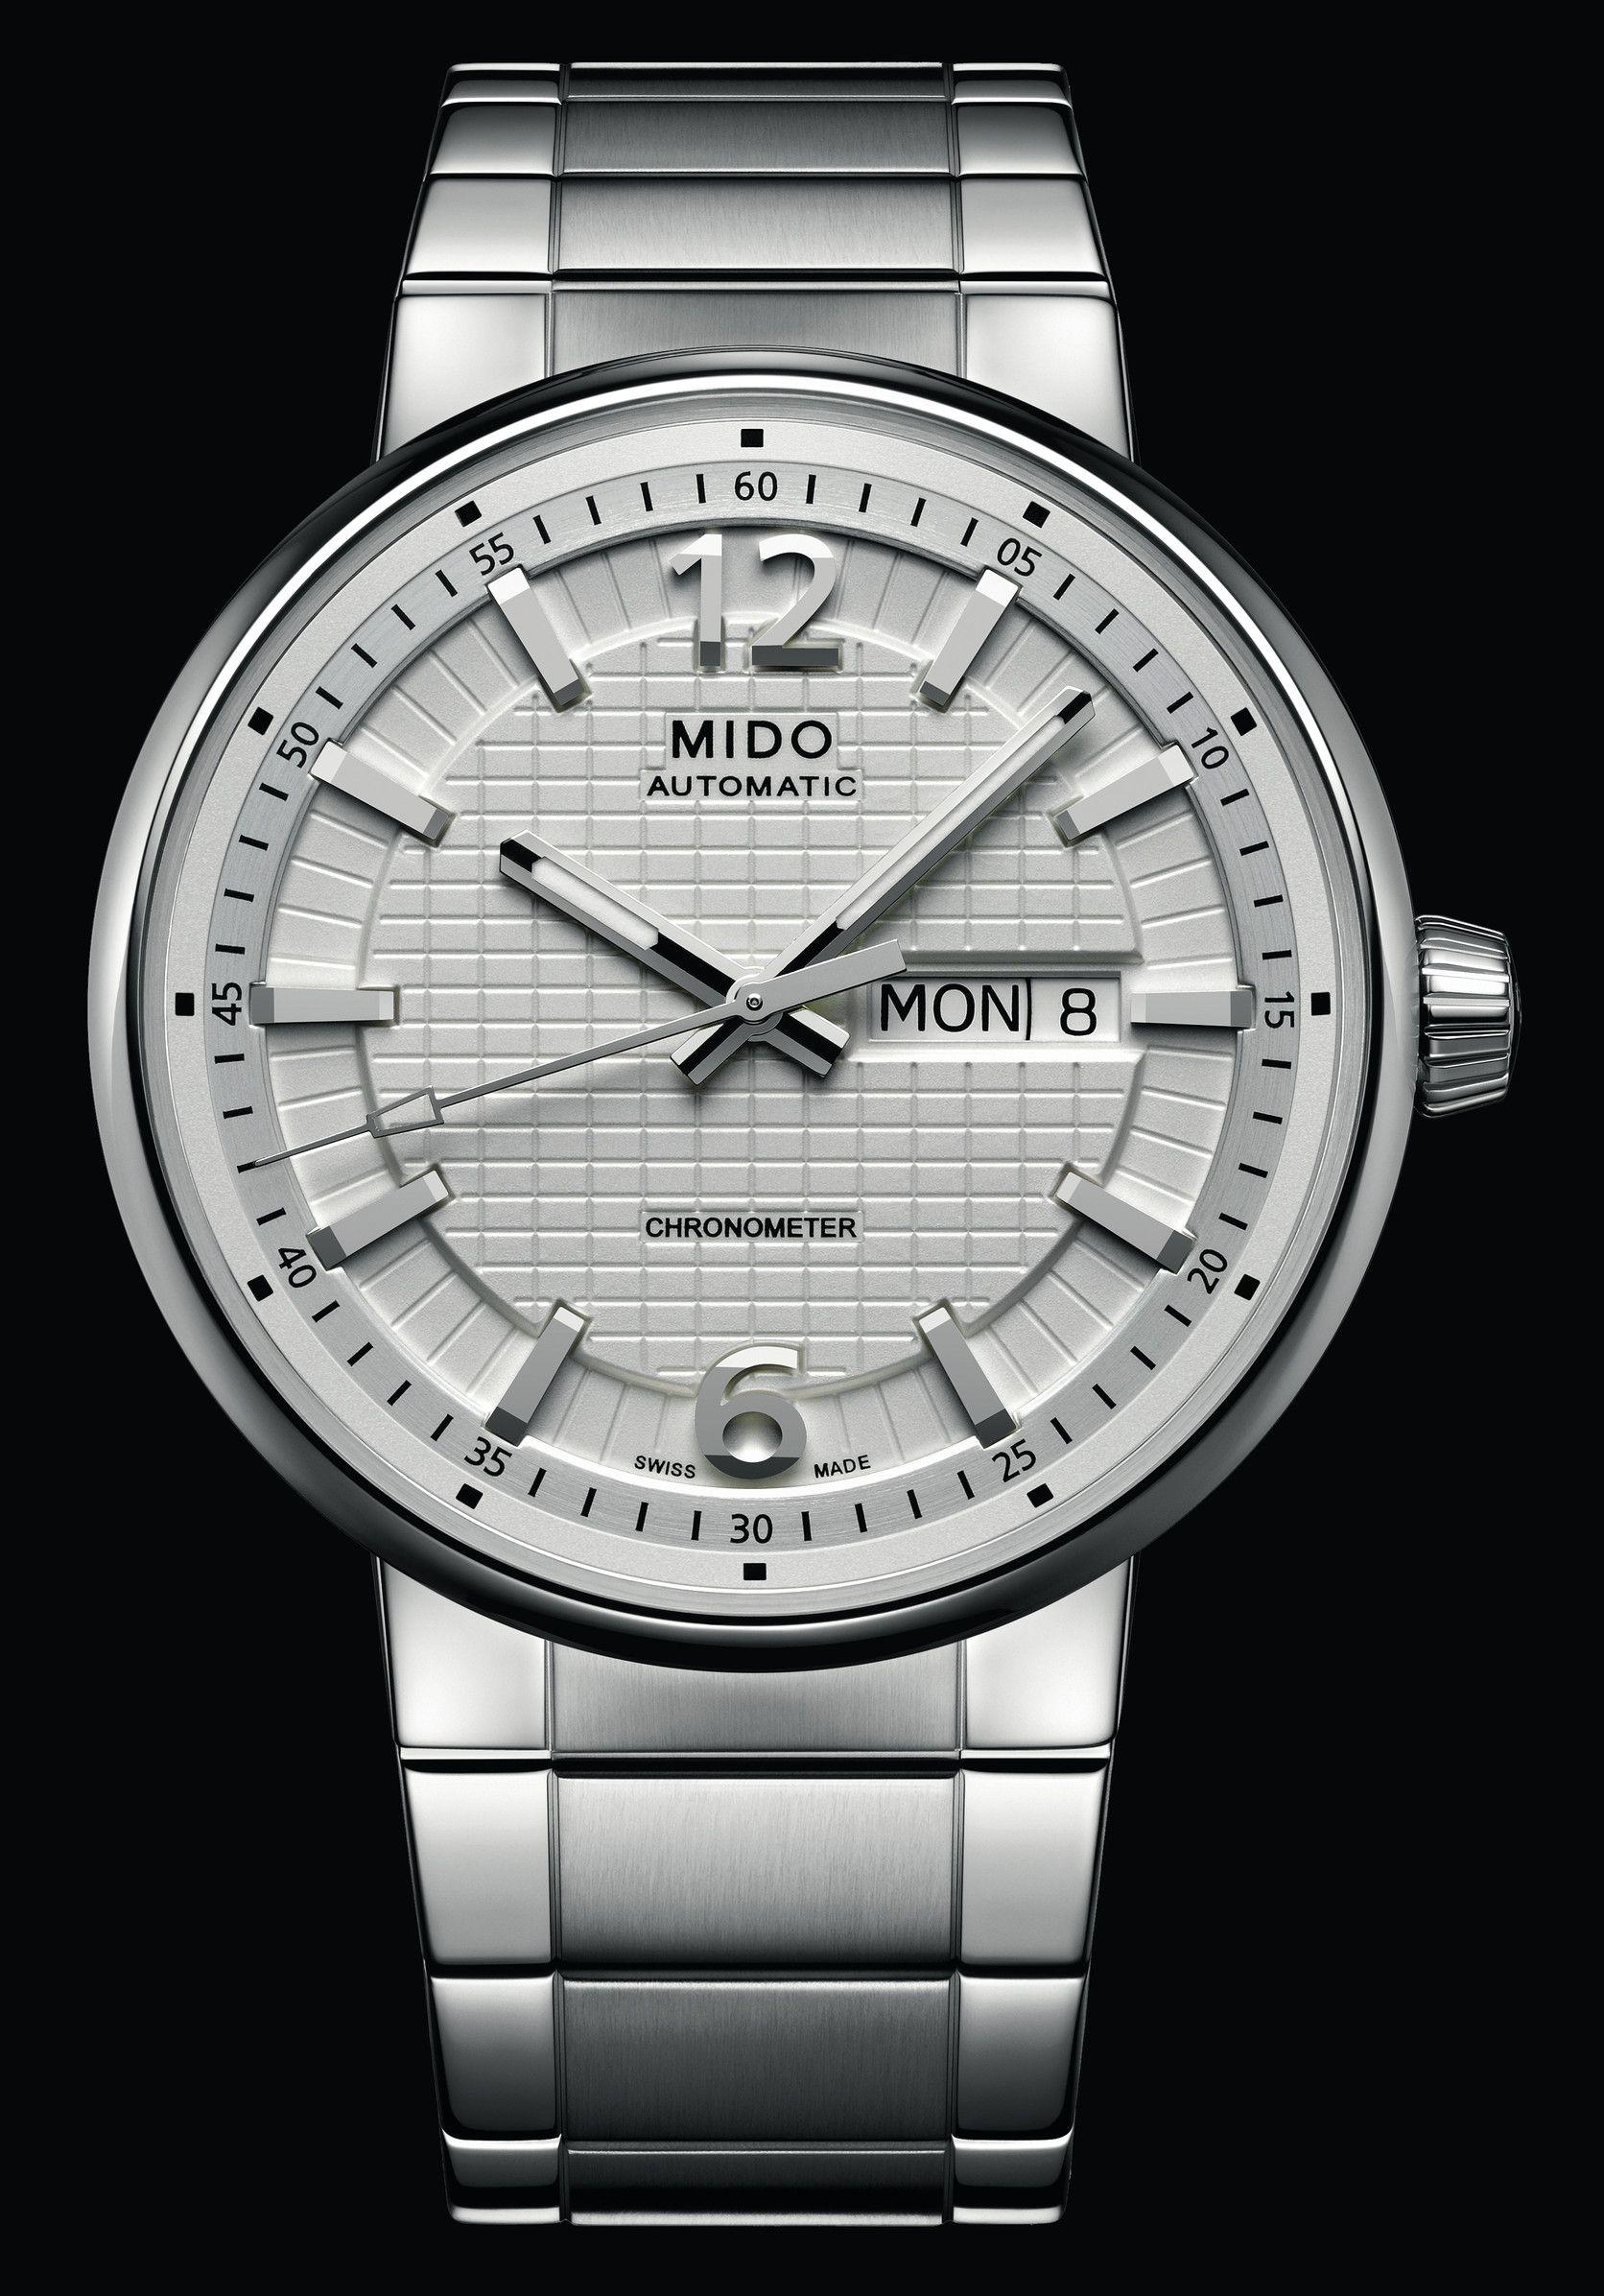 470b2077c1a O novo modelo da Mido para 2013 homenageia a grande muralha da China em  Presentwatch